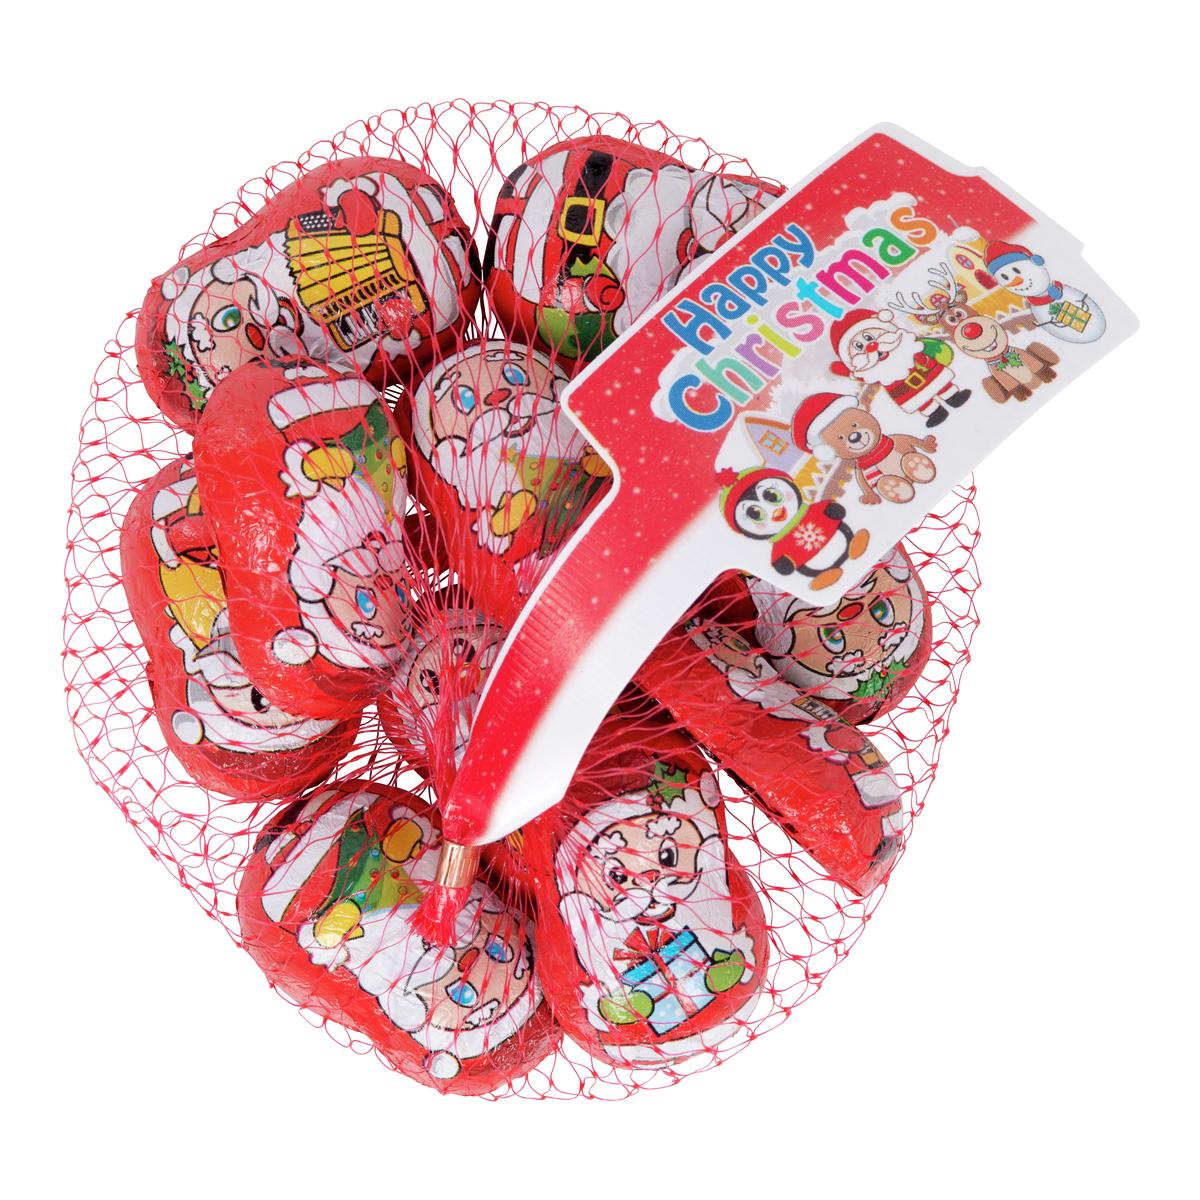 Sjokoladejulenisser nett-SJO709